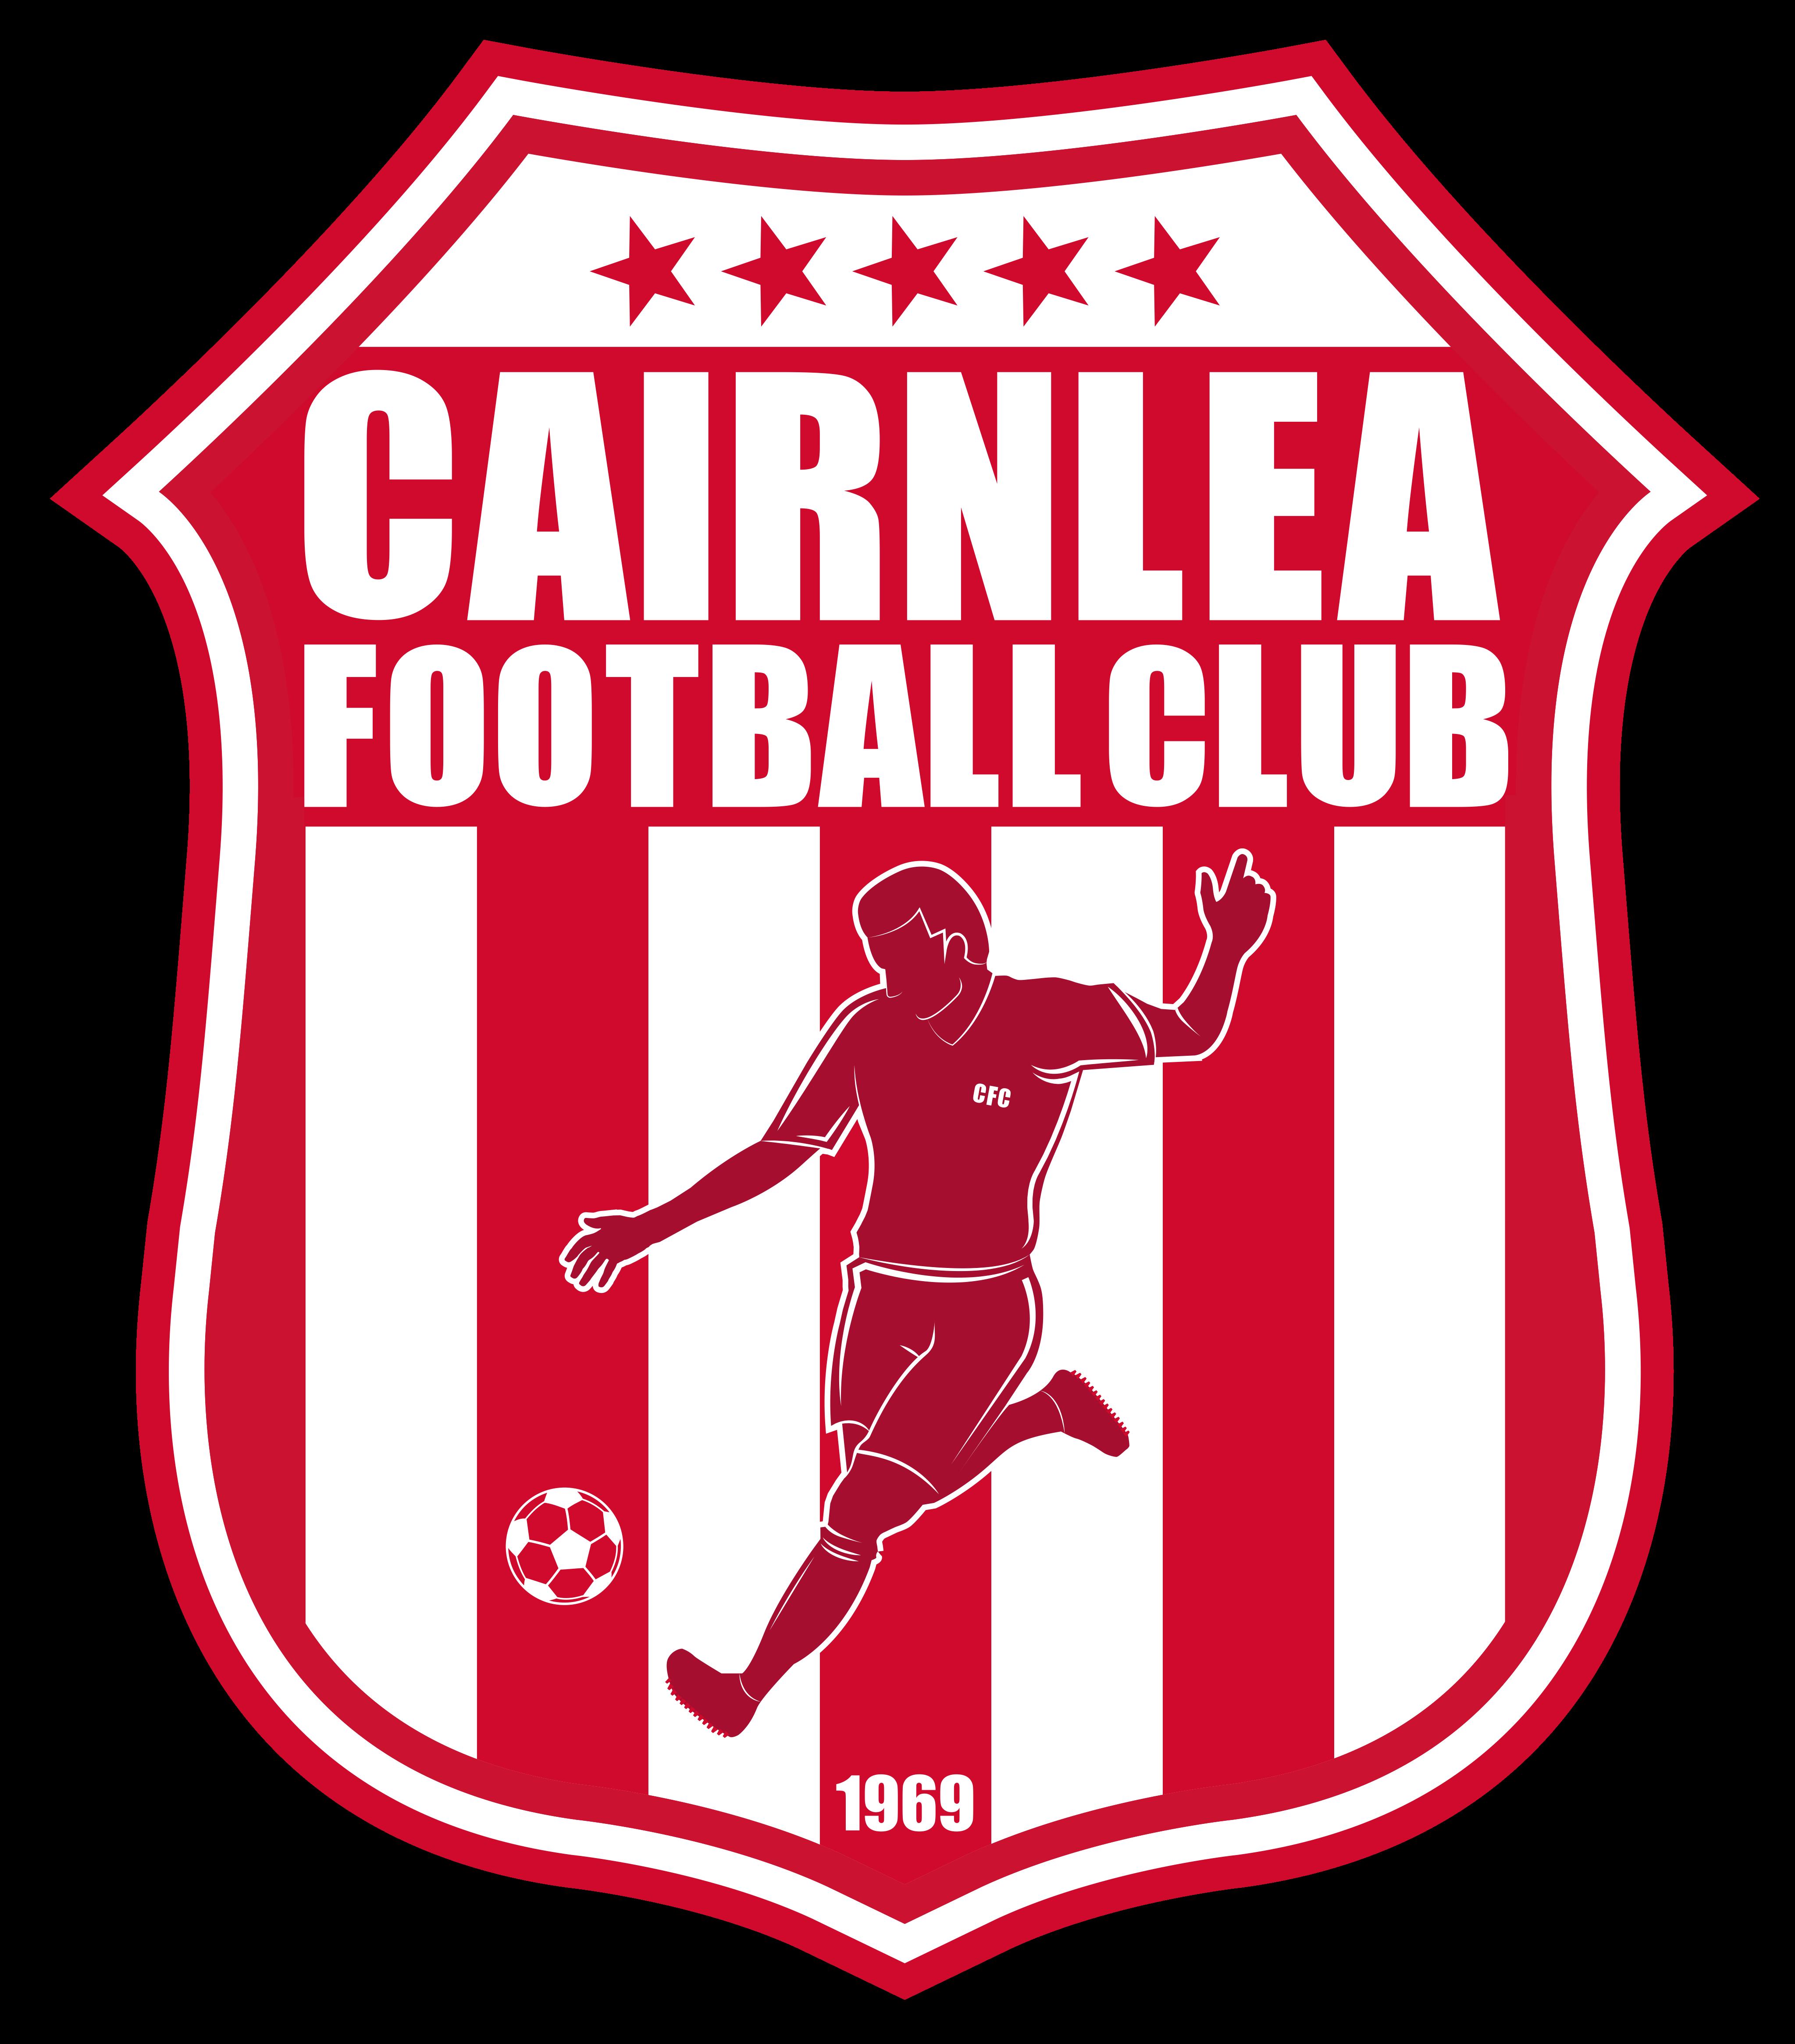 Cairnlea Football Club